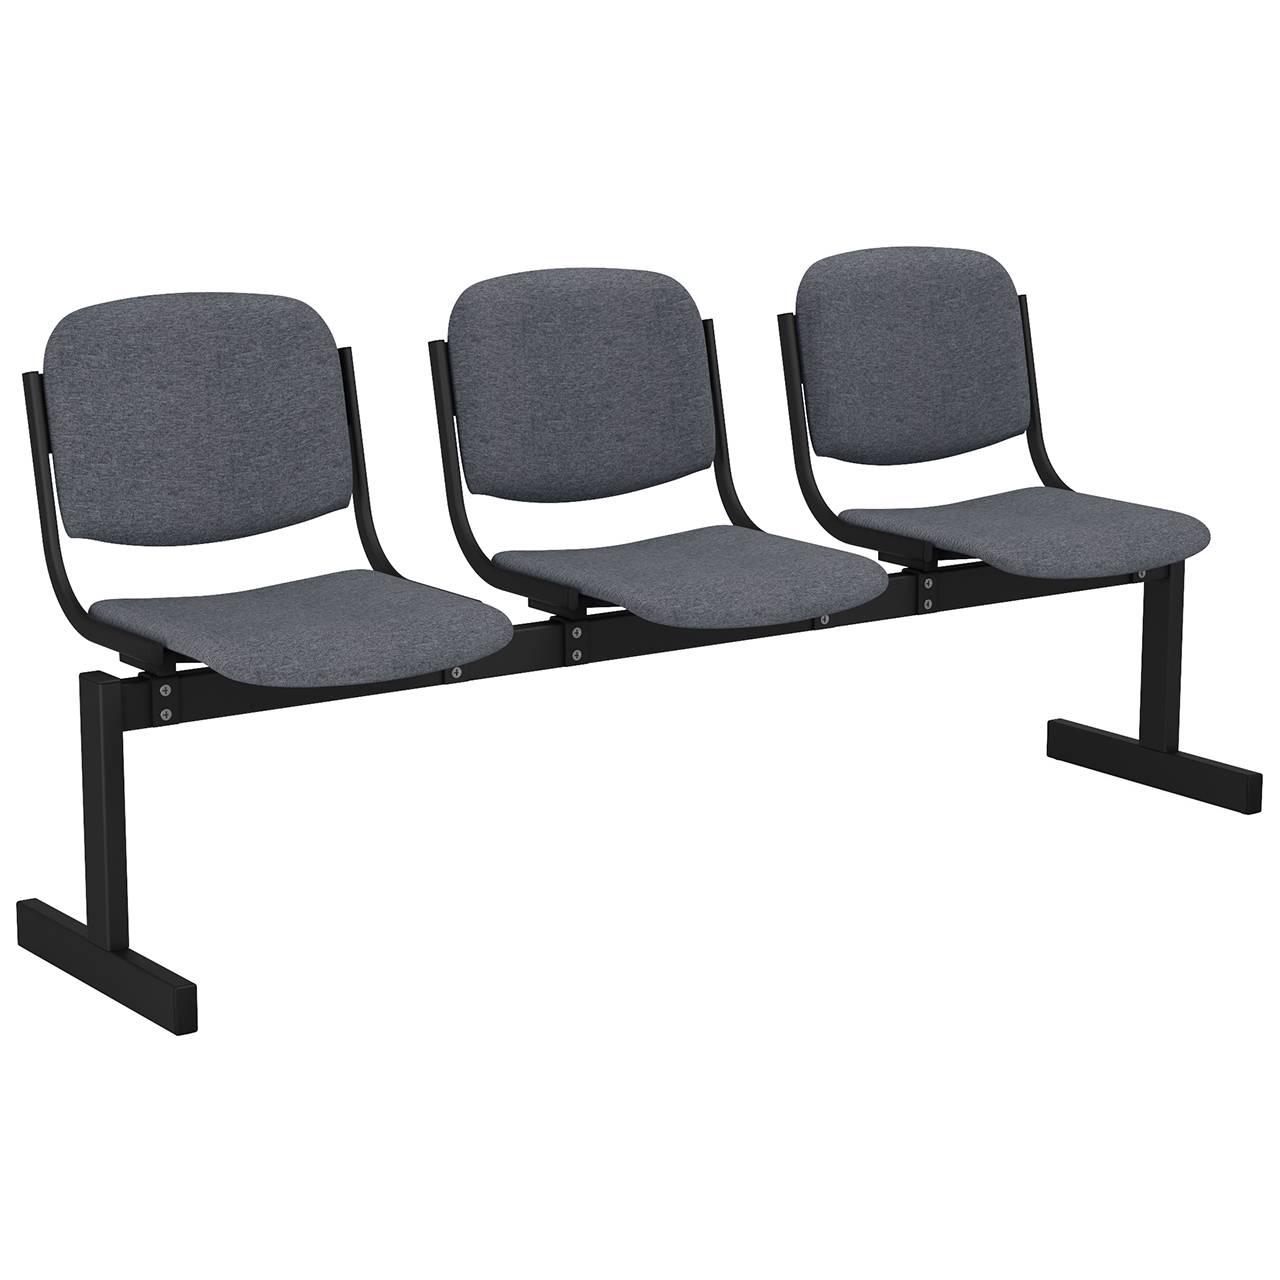 3-местный, не откидывающиеся сиденья, мягкий черный серый Офисная ткань